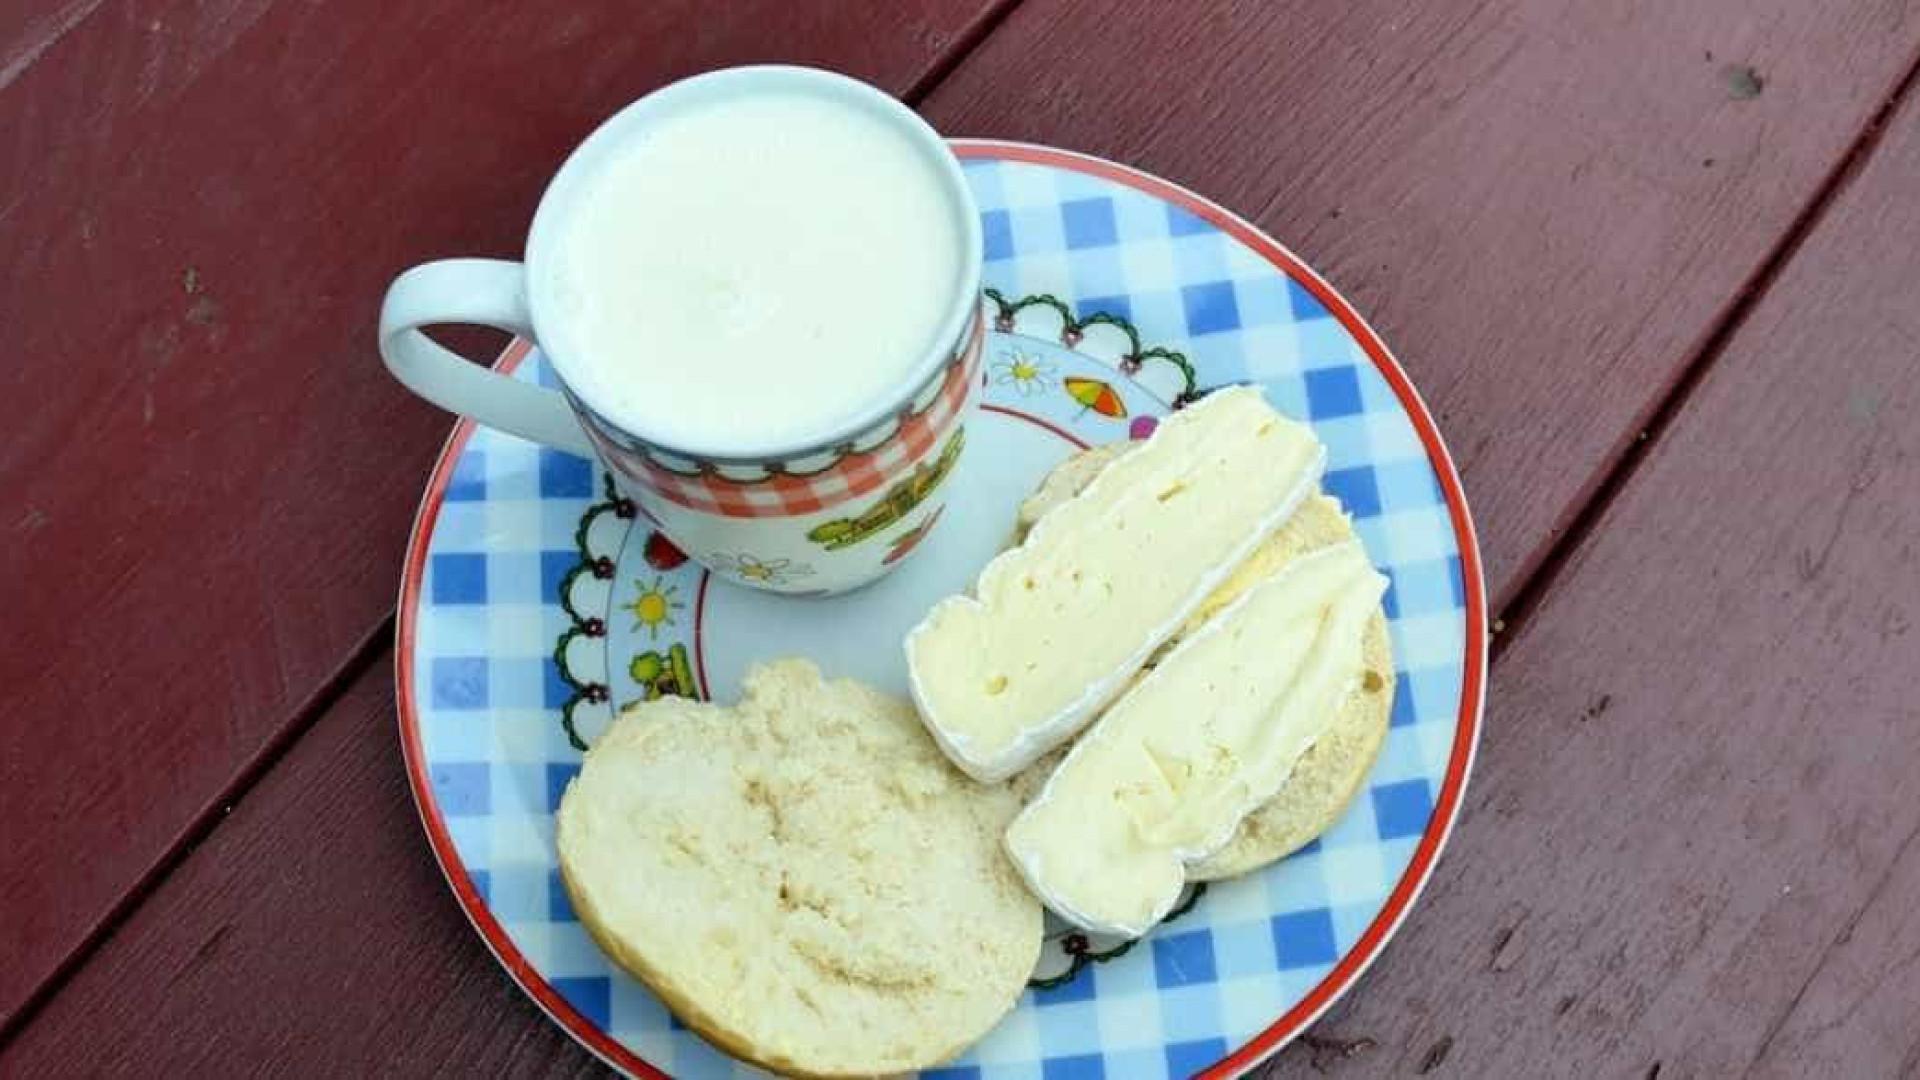 'Pular' café da manhã traz risco de engordar, diz estudo